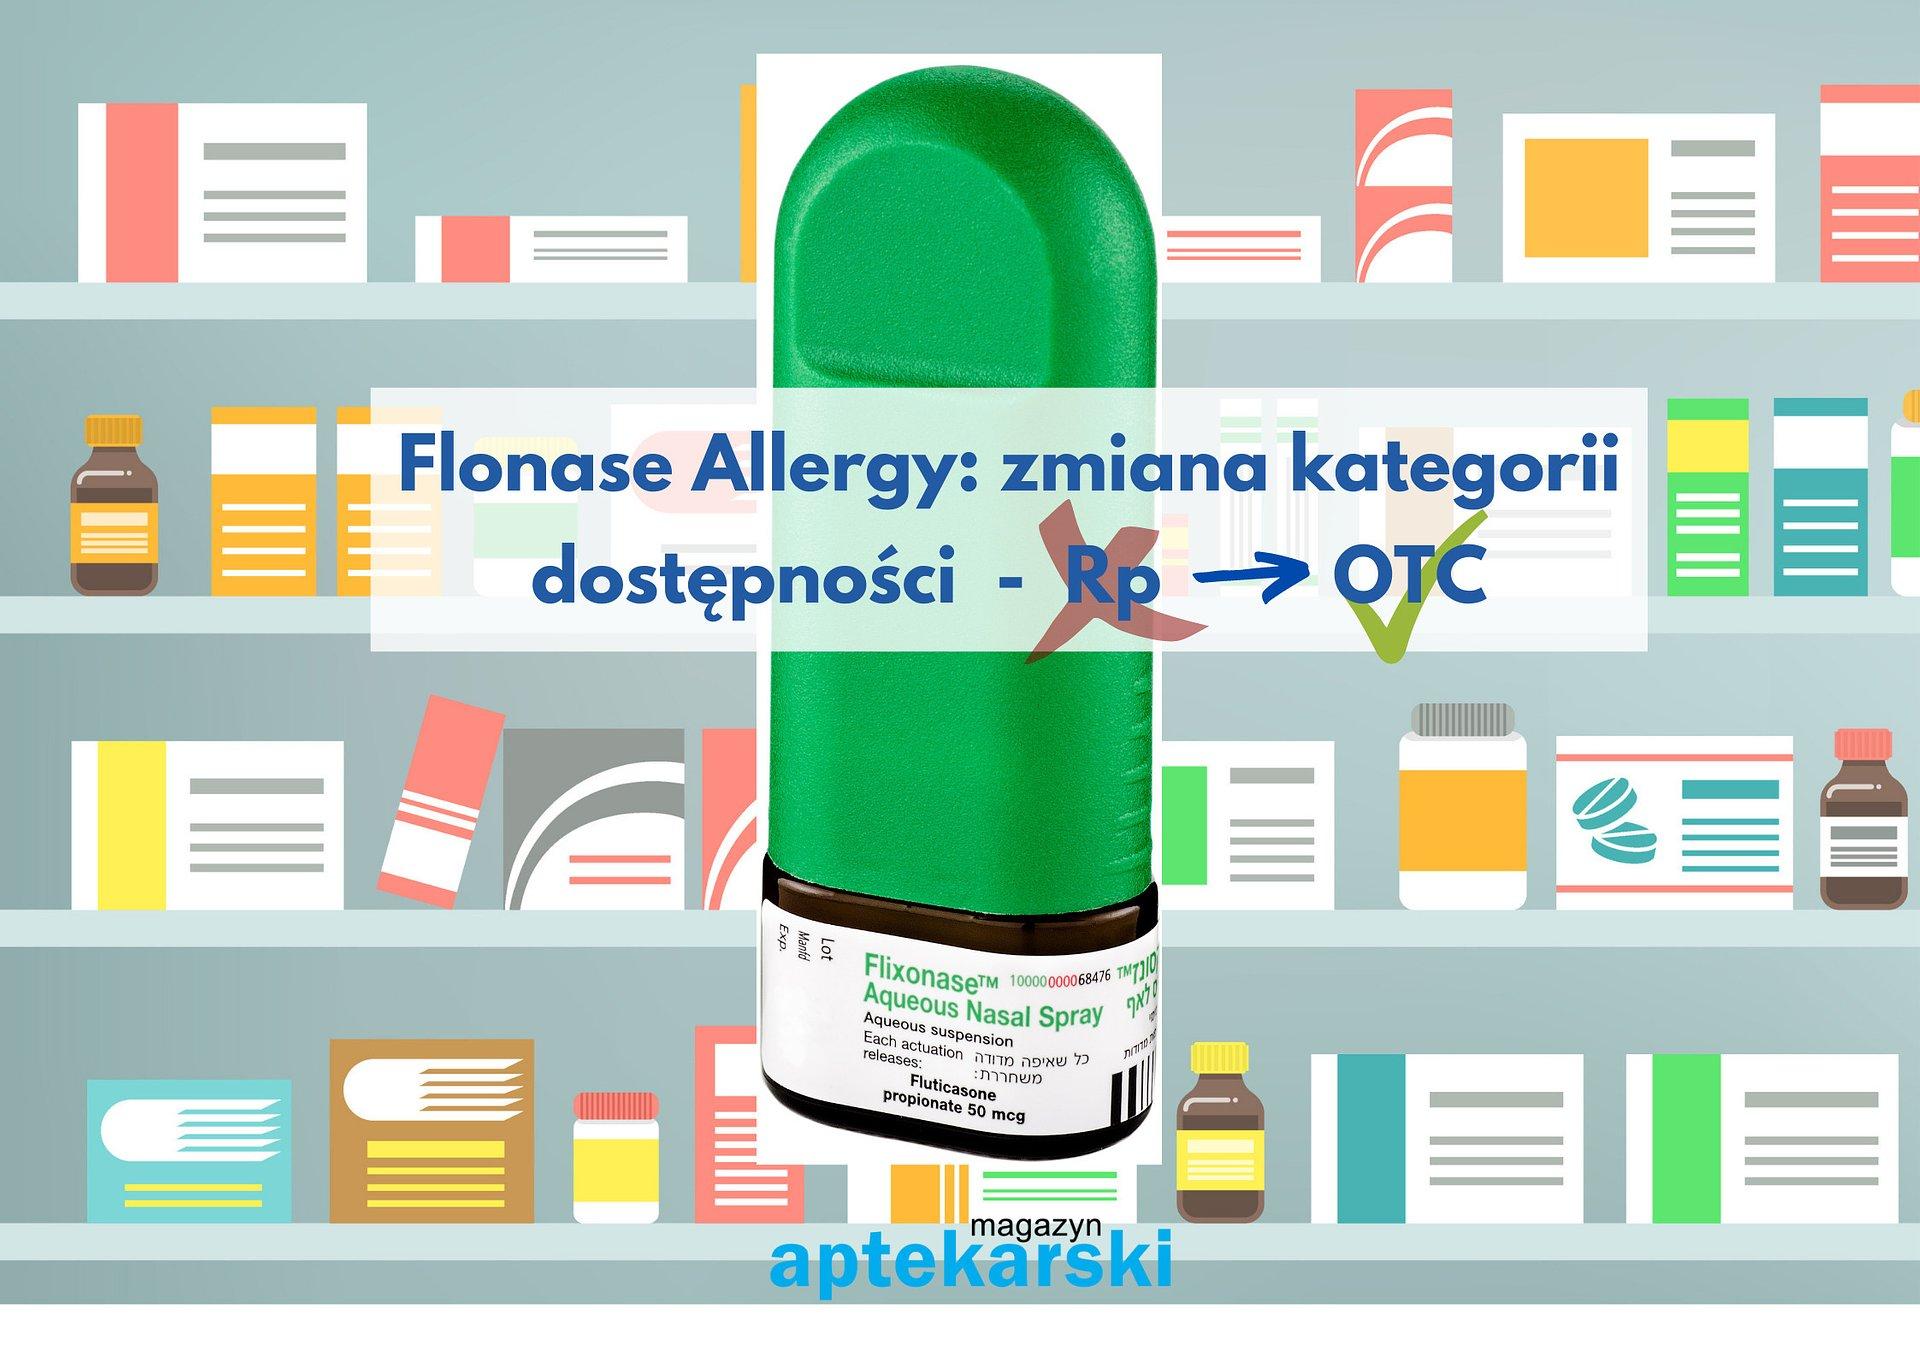 Flonase Allergy (Fluticasoni propionas) bez recepty